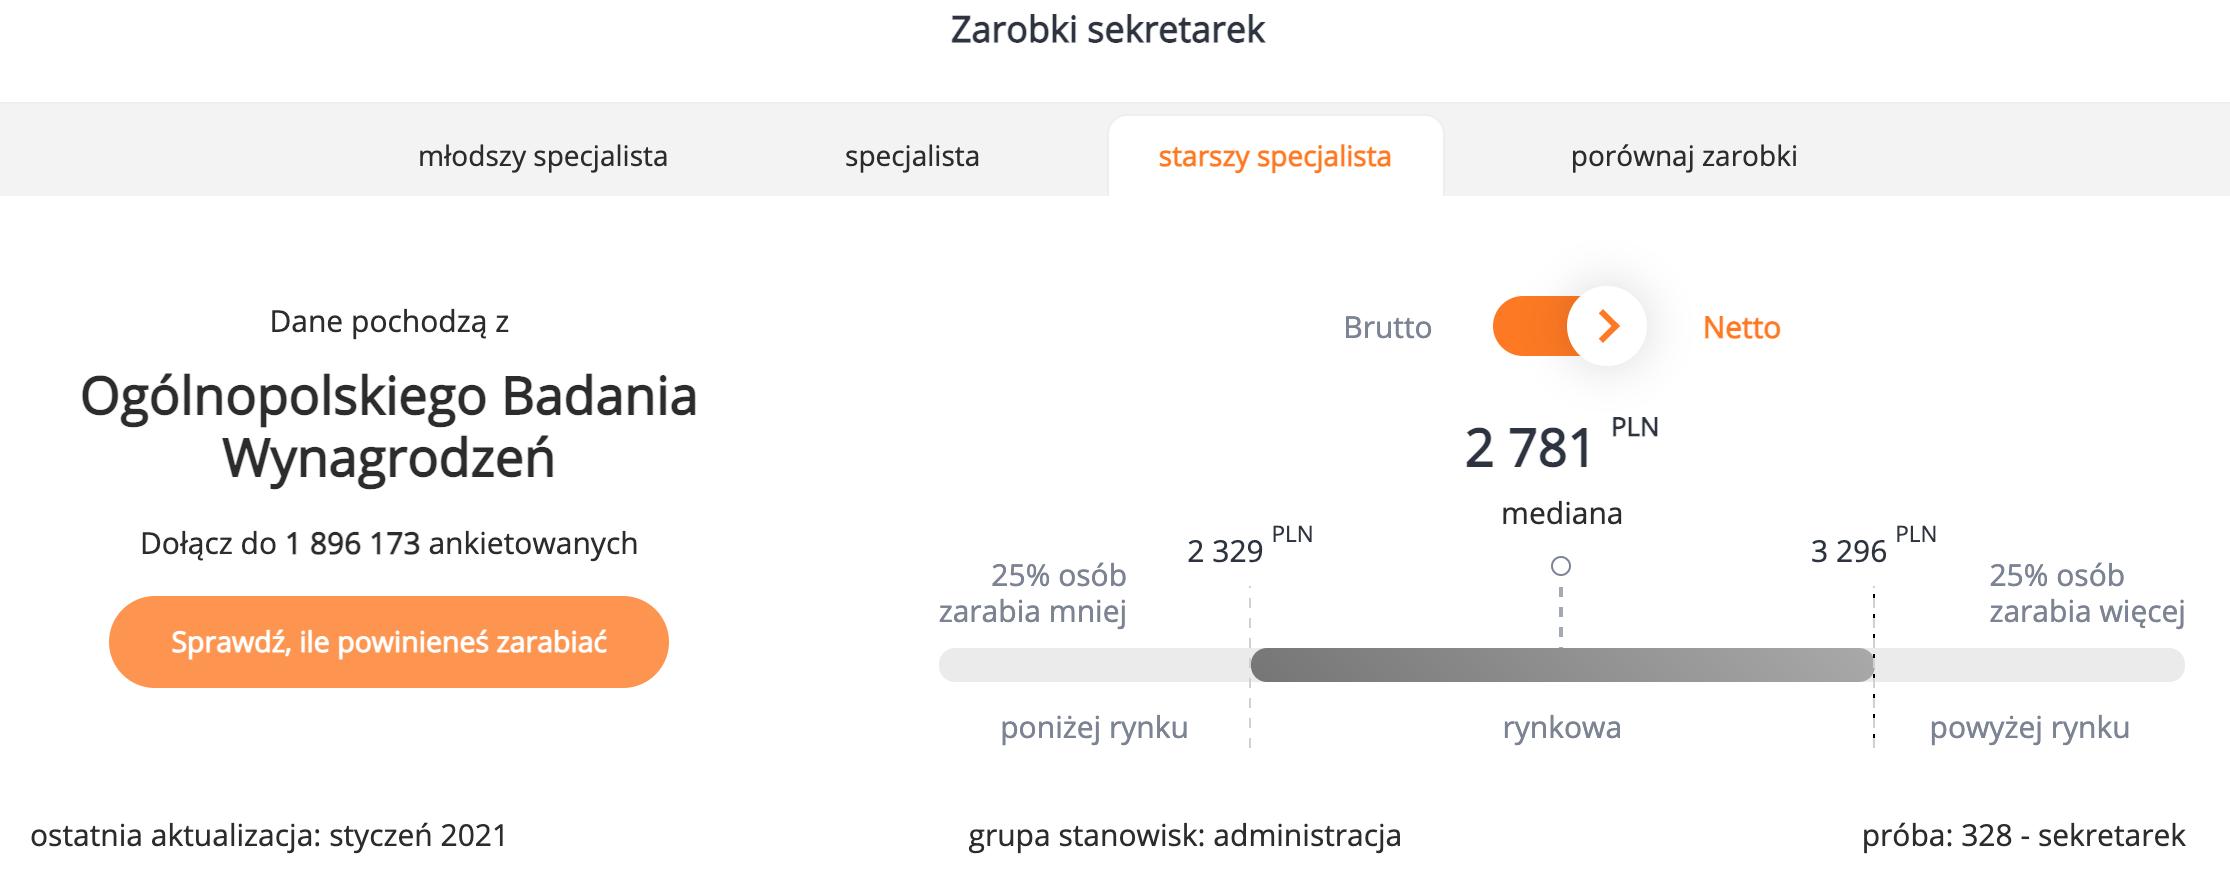 źródło: wynagrodzenia.pl